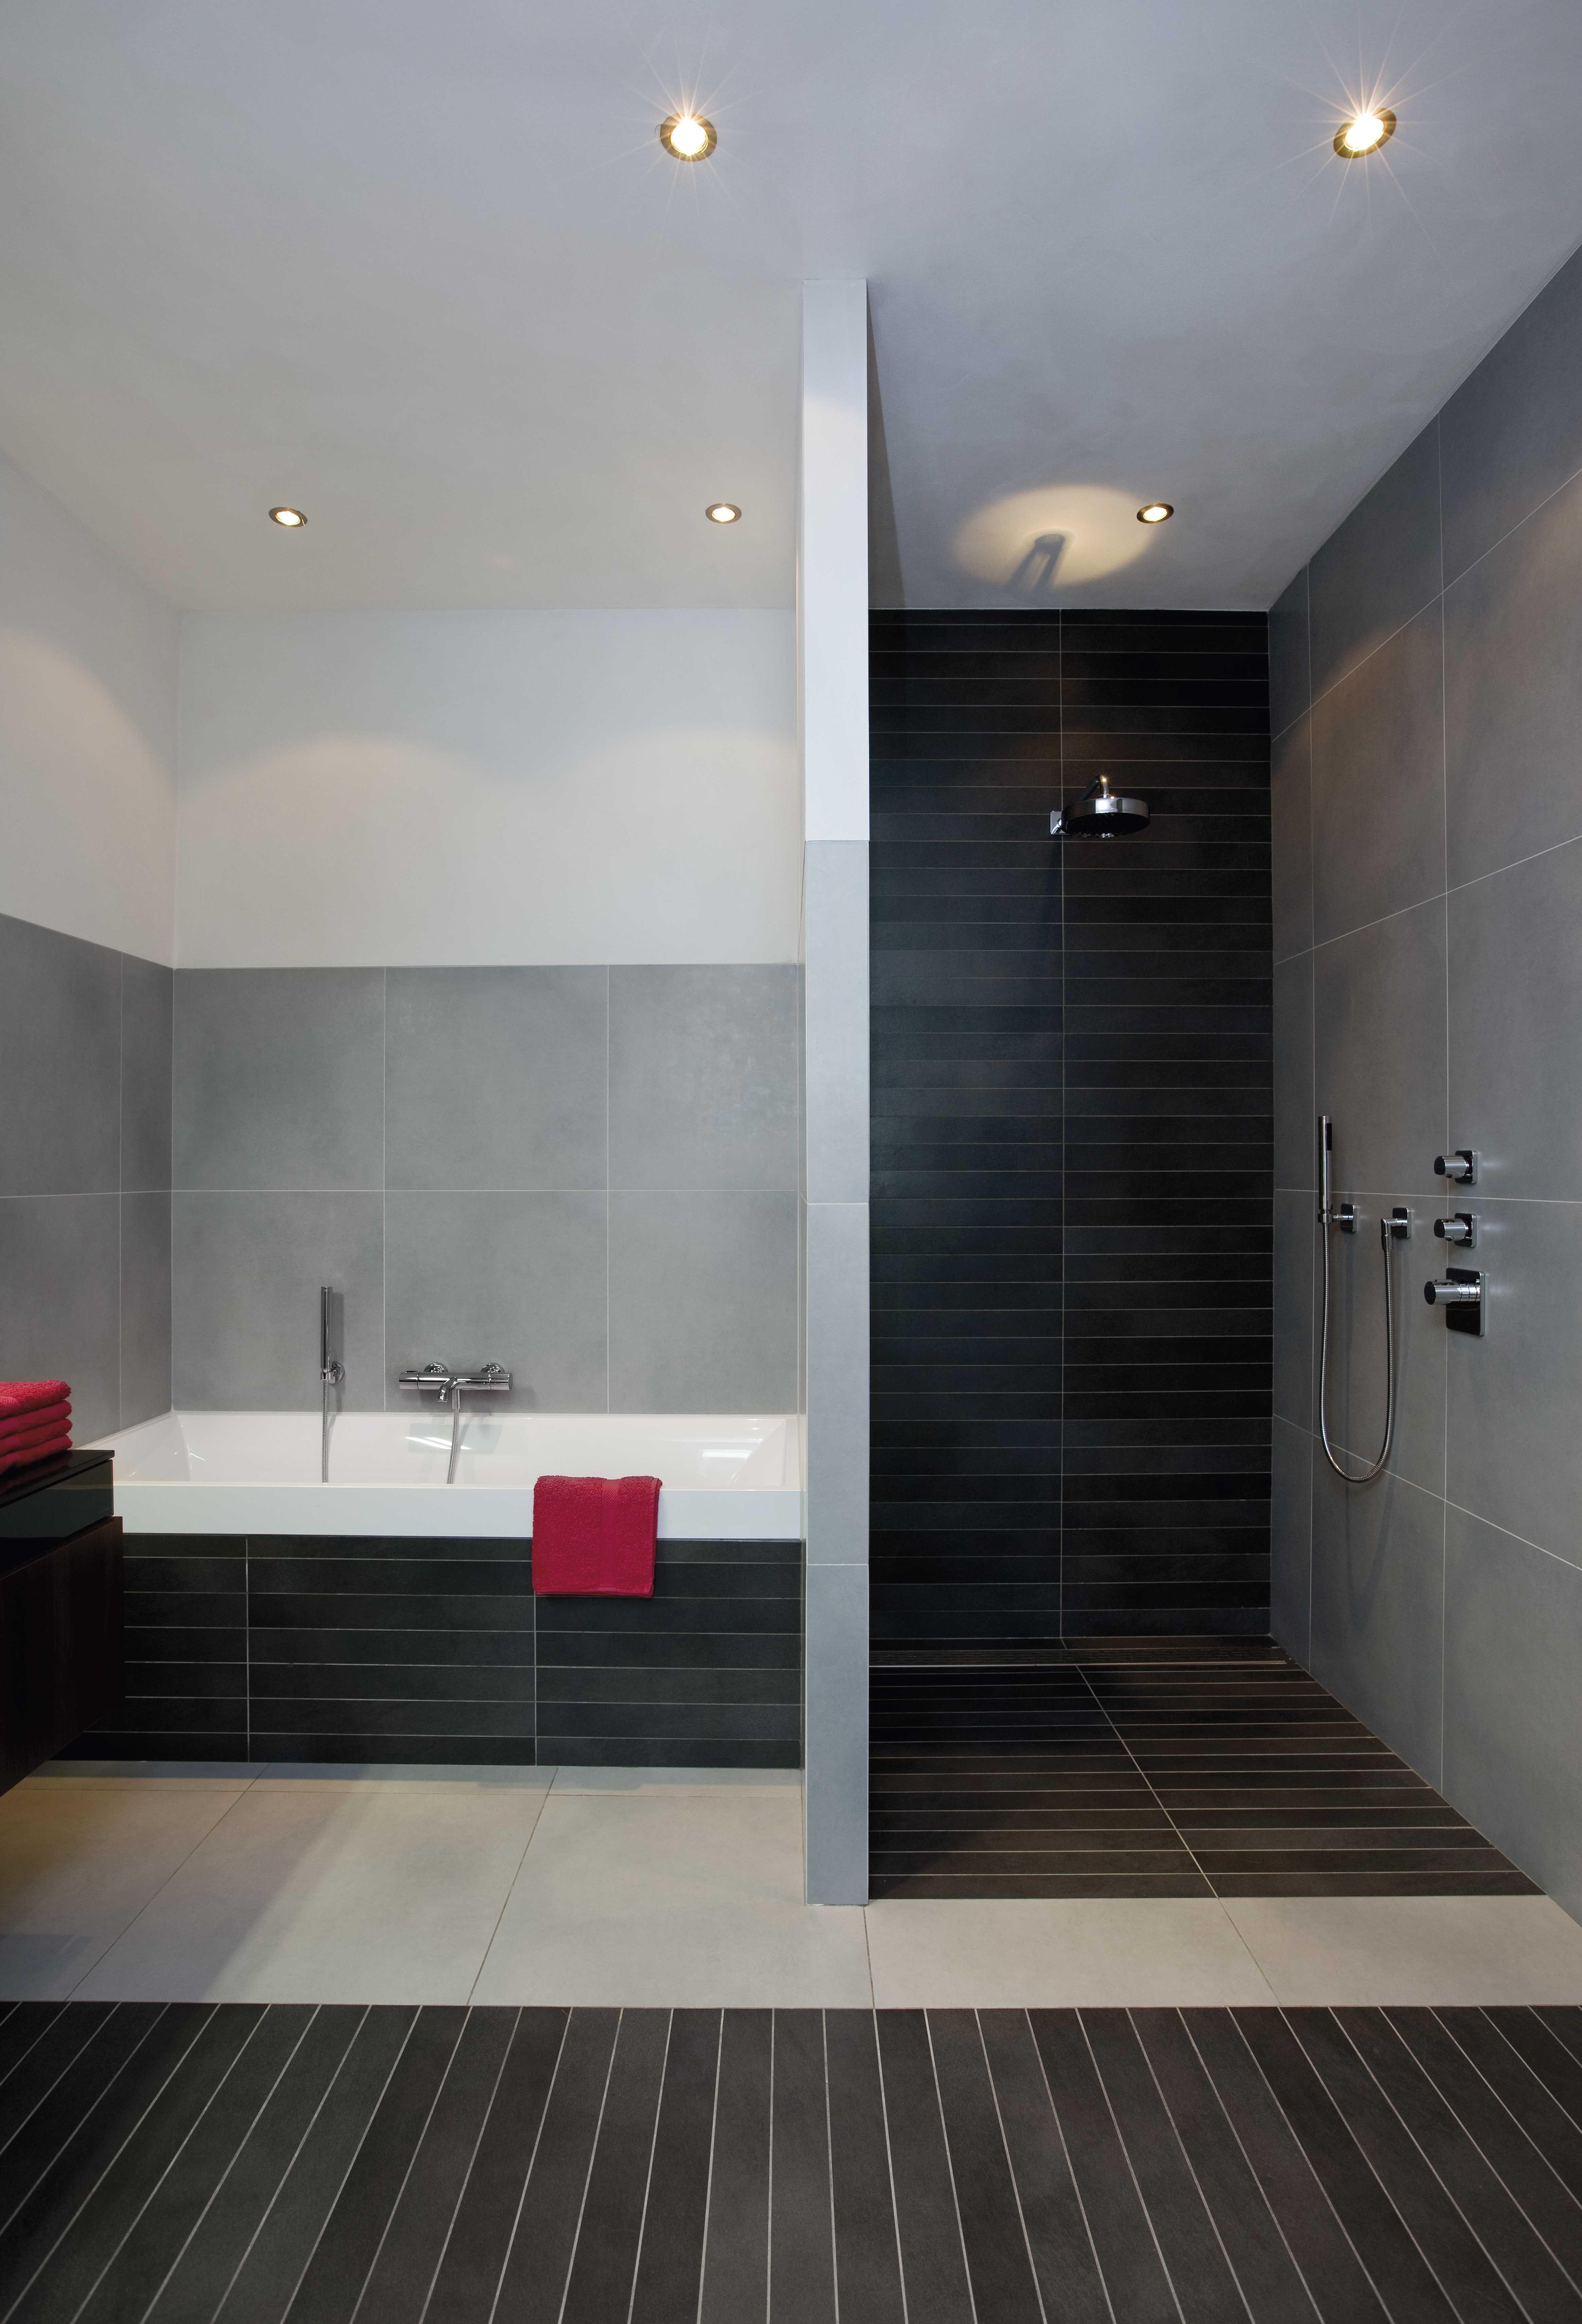 mede dankzij de adviezen van sanidrõme is onze badkamer helemaal